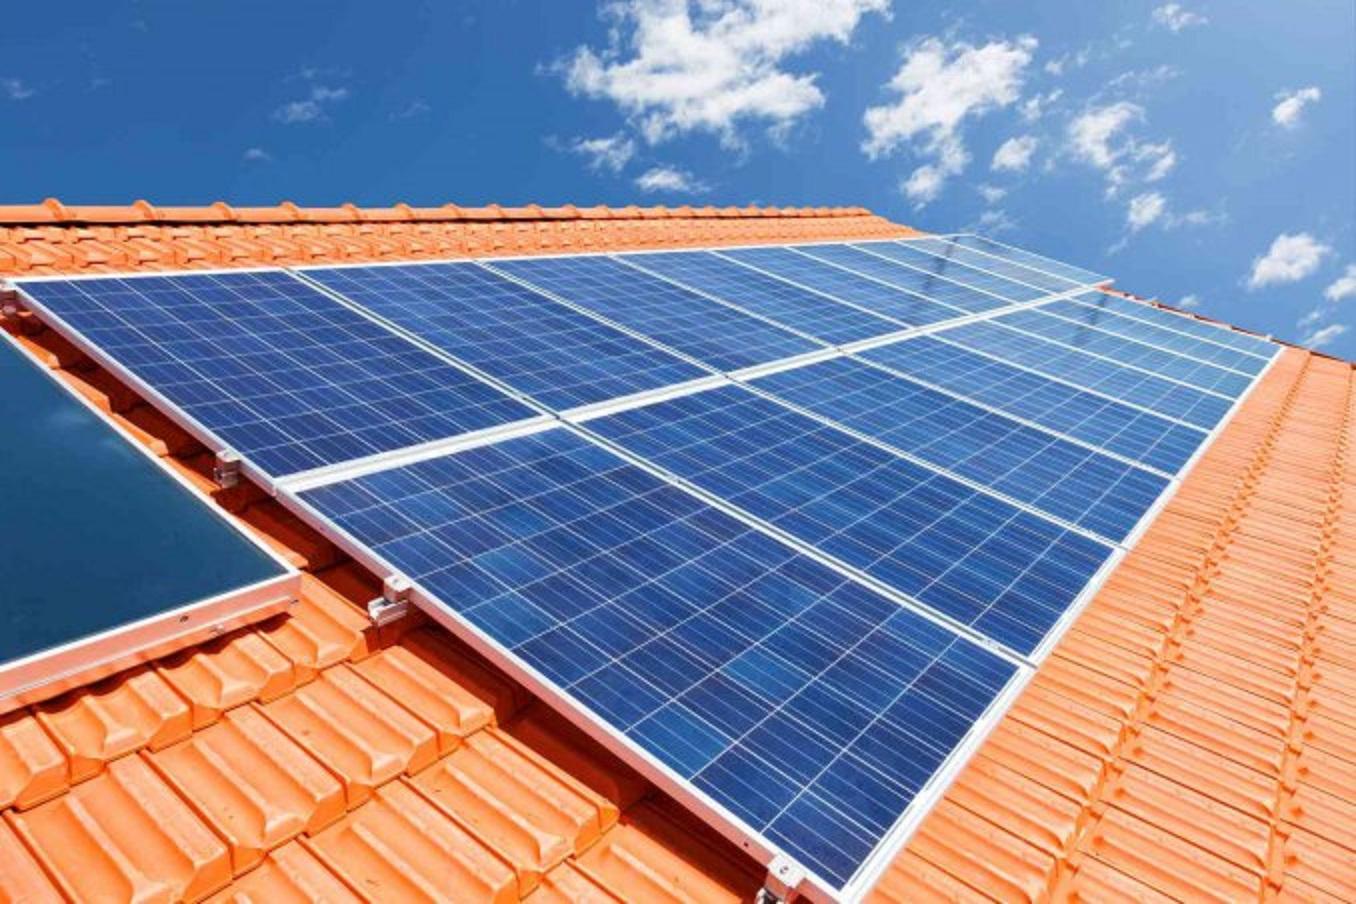 pannelli solari o fotovoltaici cosa sono e come funzionano